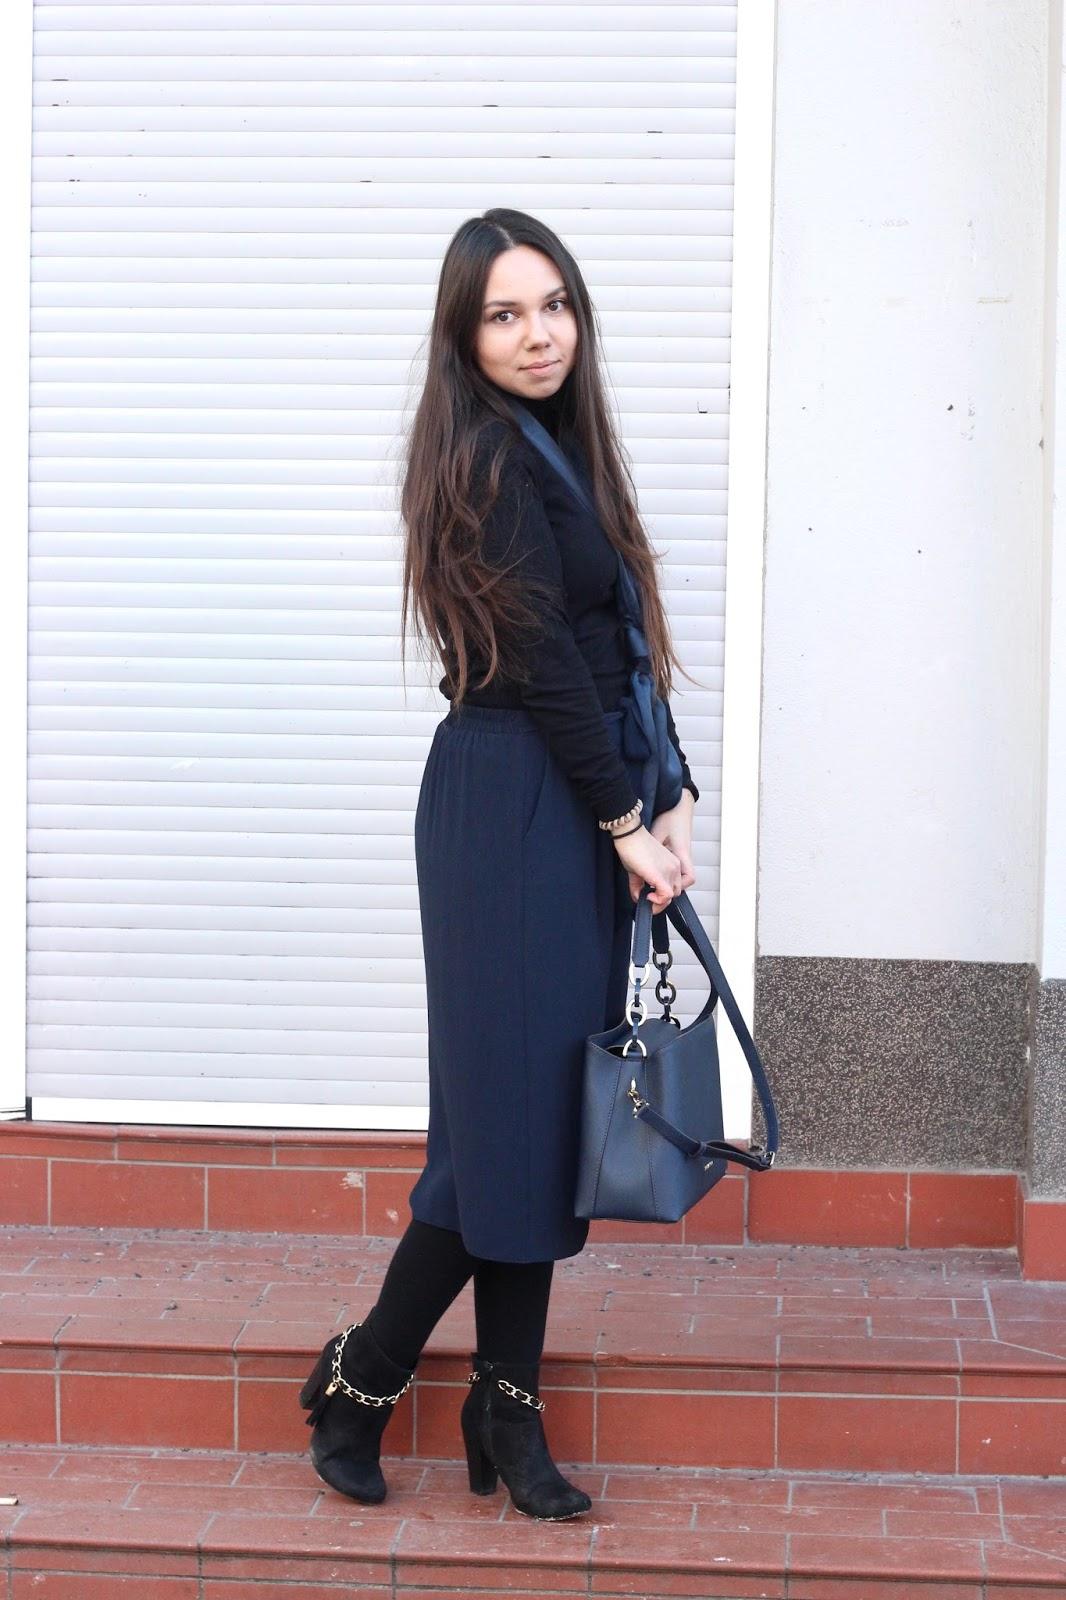 wie trägt man culottes im winter